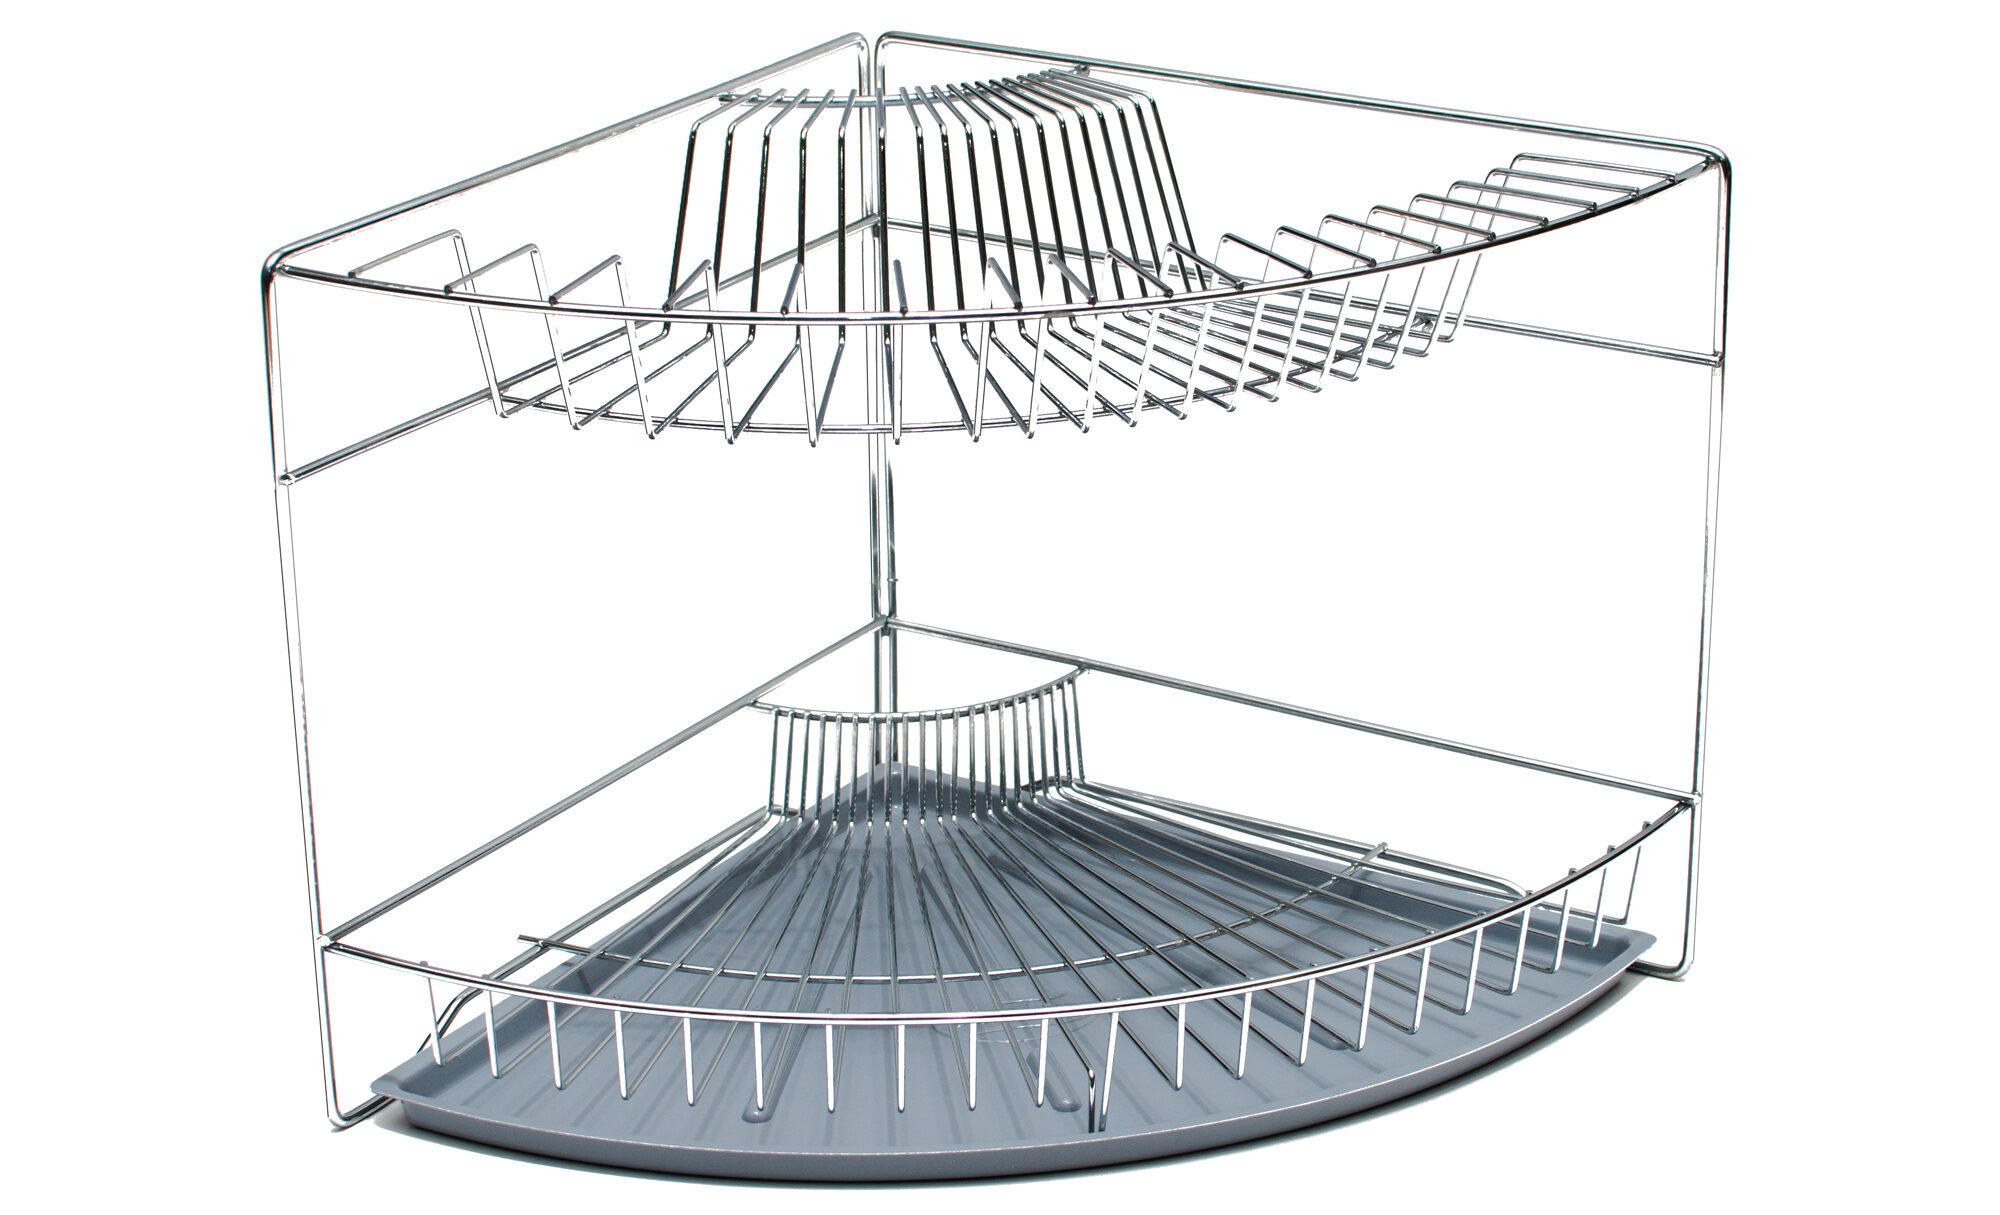 угловая сушилка для посуды фото дизайн